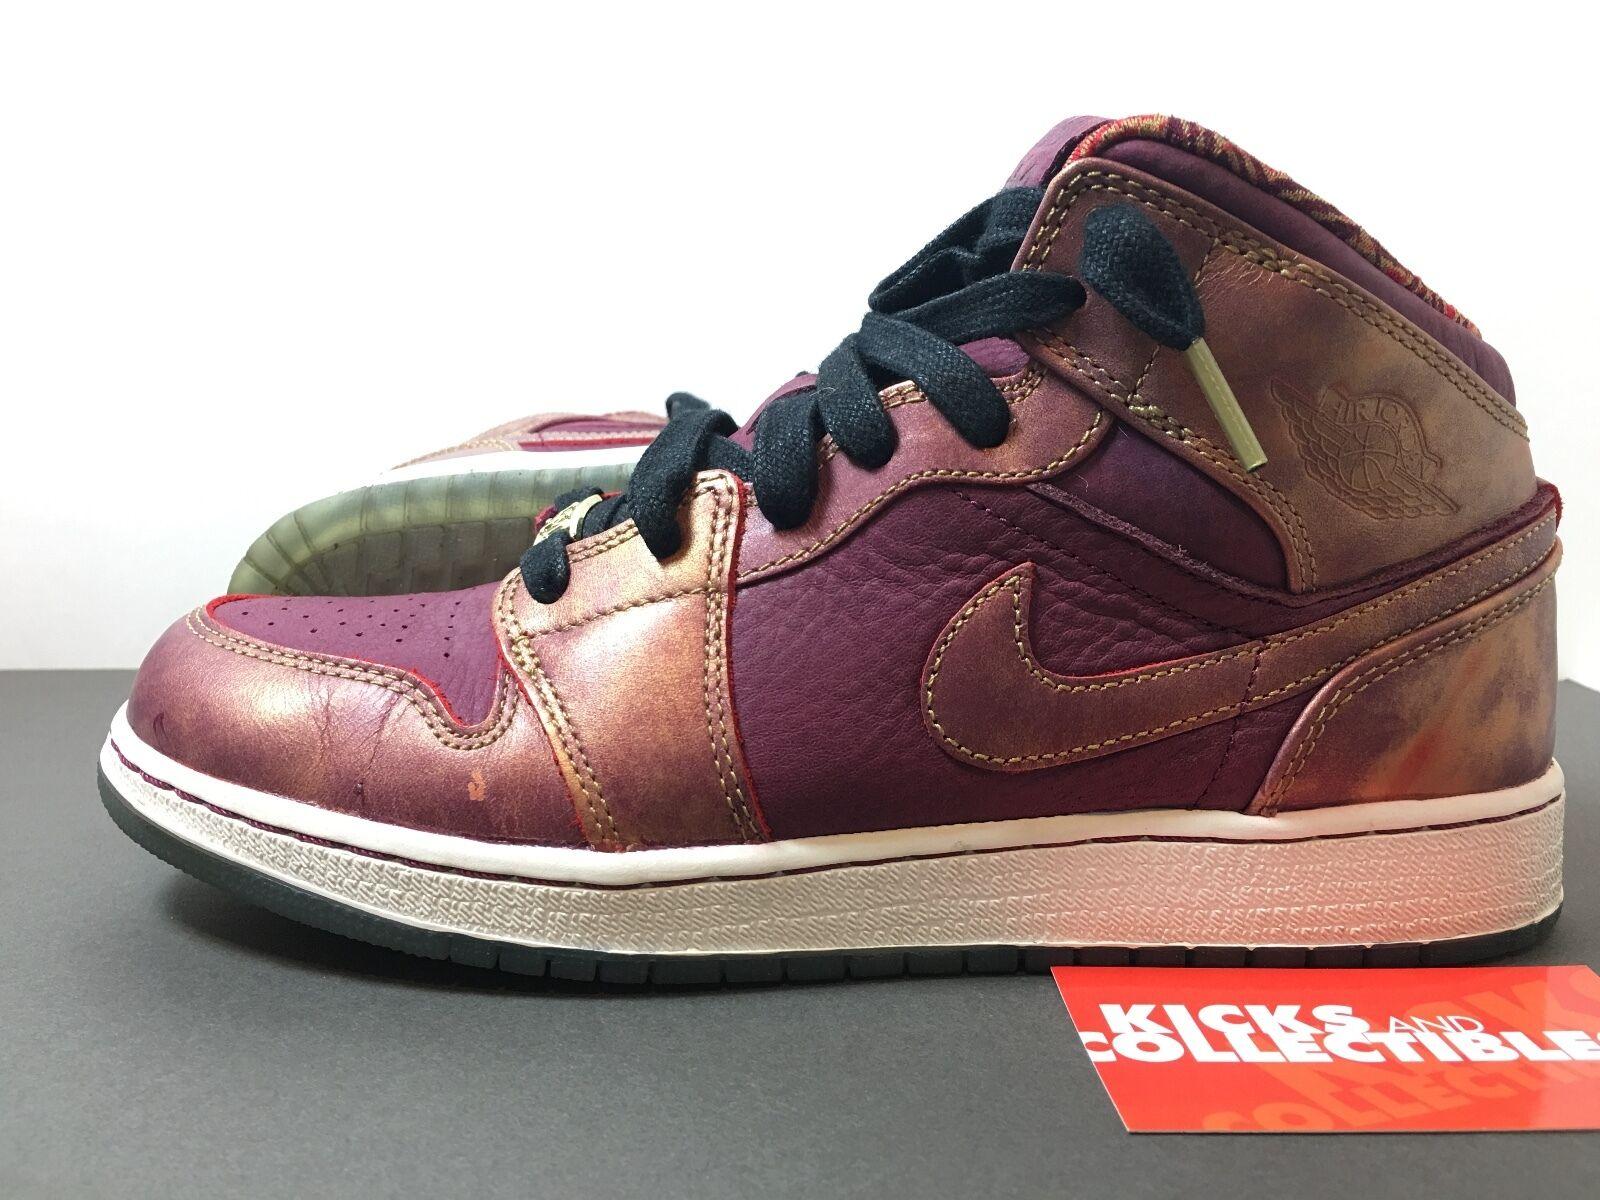 Nike Air Jordan 1 Mid BHM 647562 el 605 7y Rojo granate el 647562 mes de la historia negra salvaje Casual Shoes 010f7d